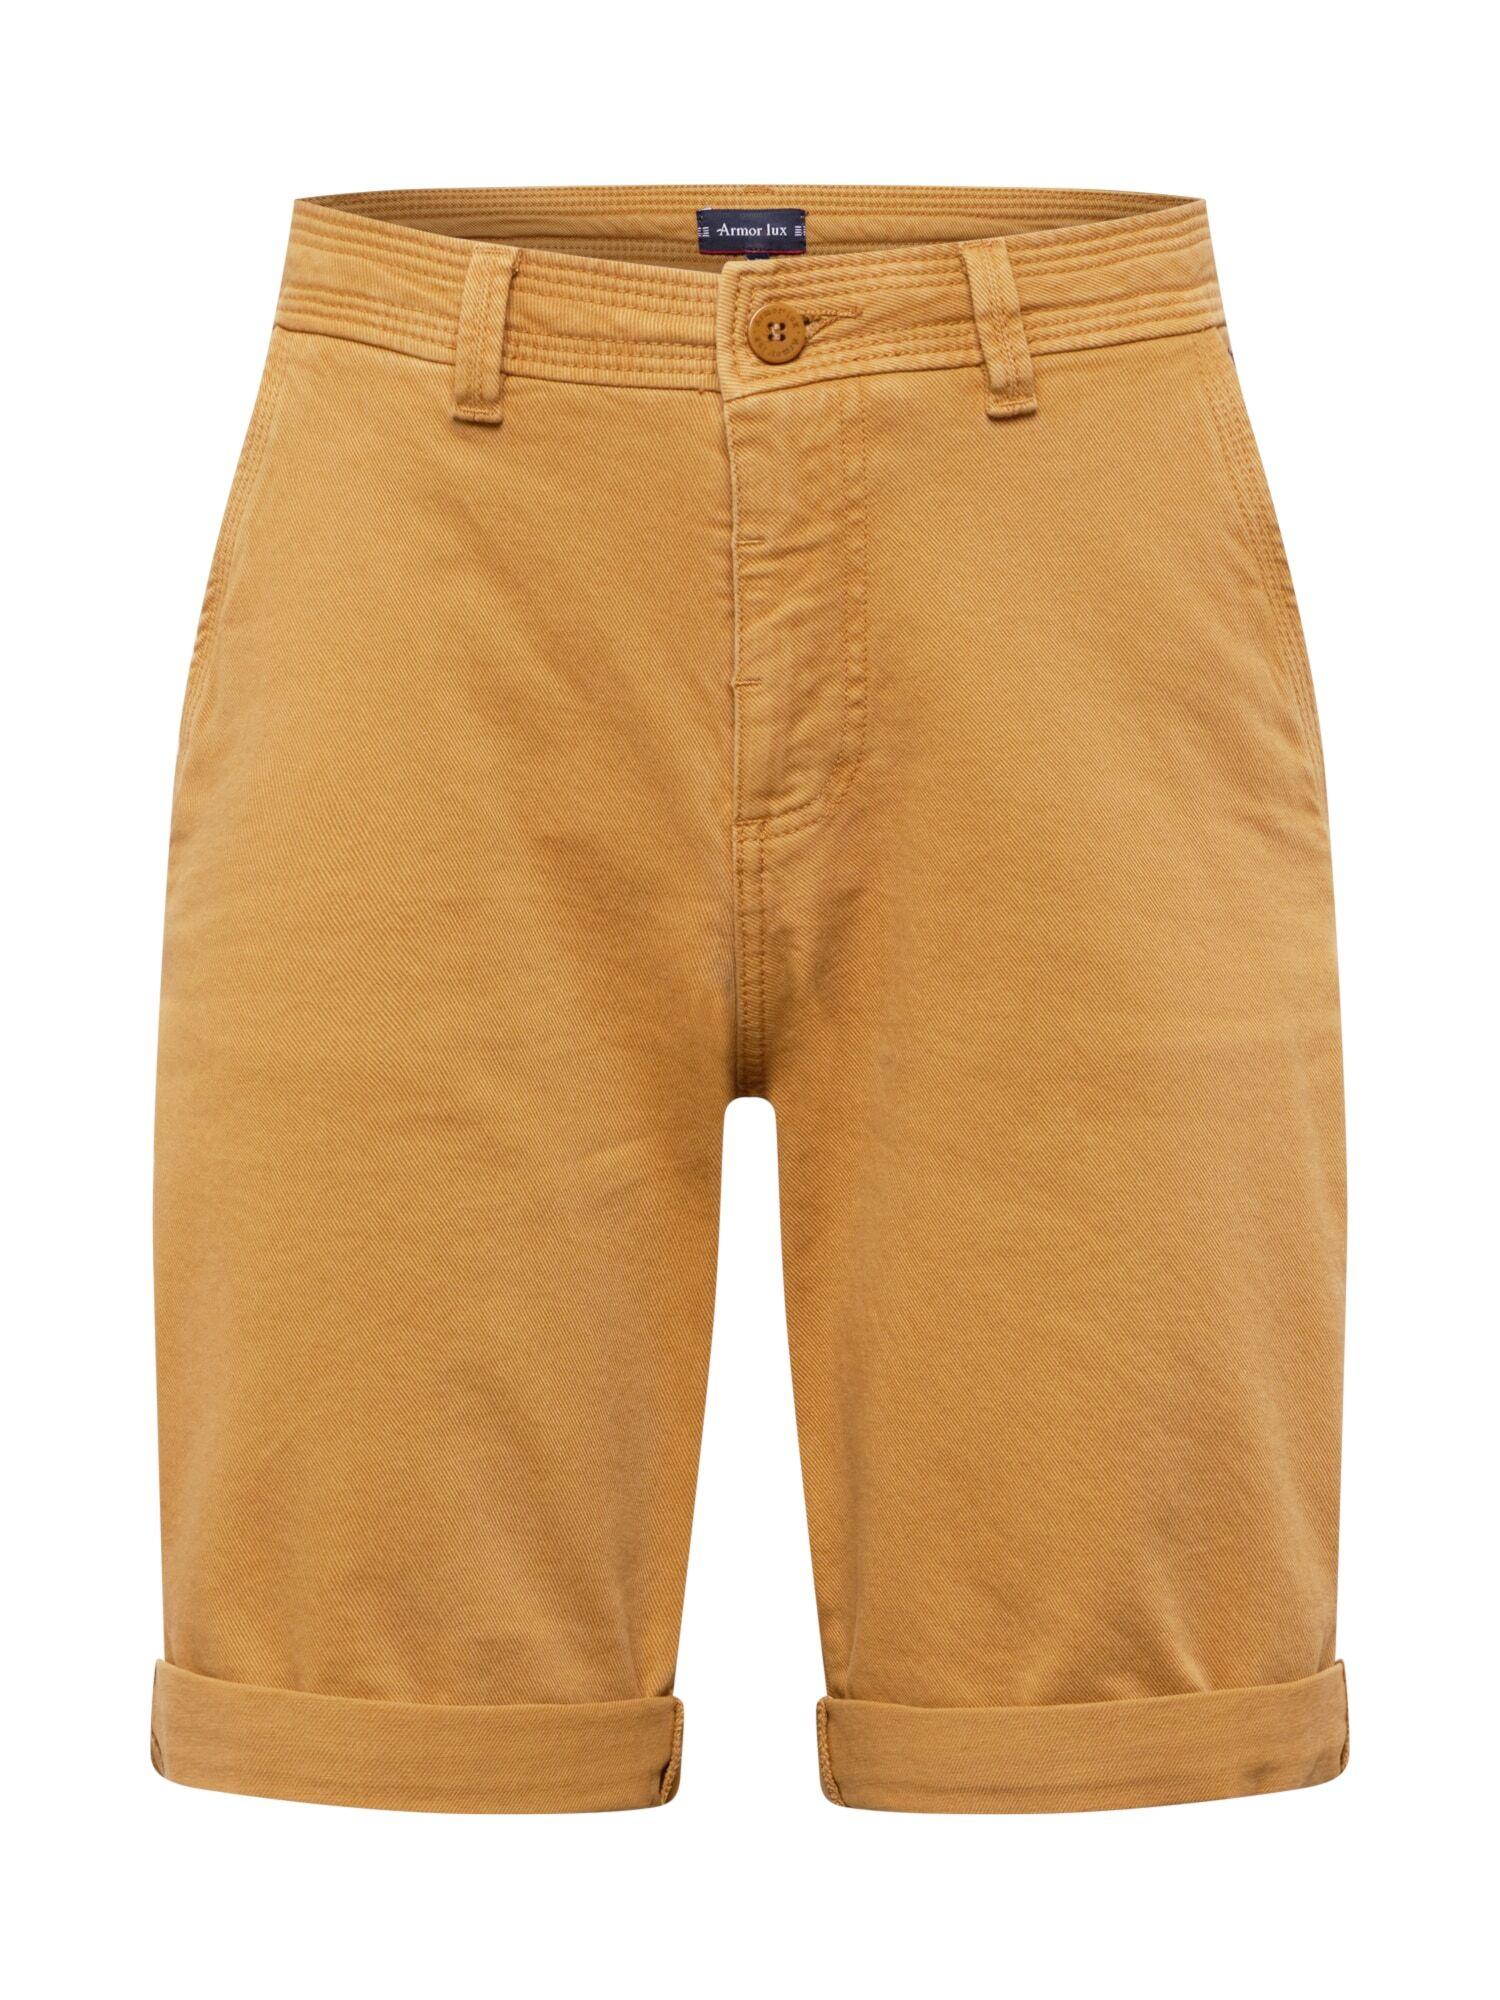 Armor Lux Pantalon 'Caboteur'  - Jaune - Taille: 40 - male